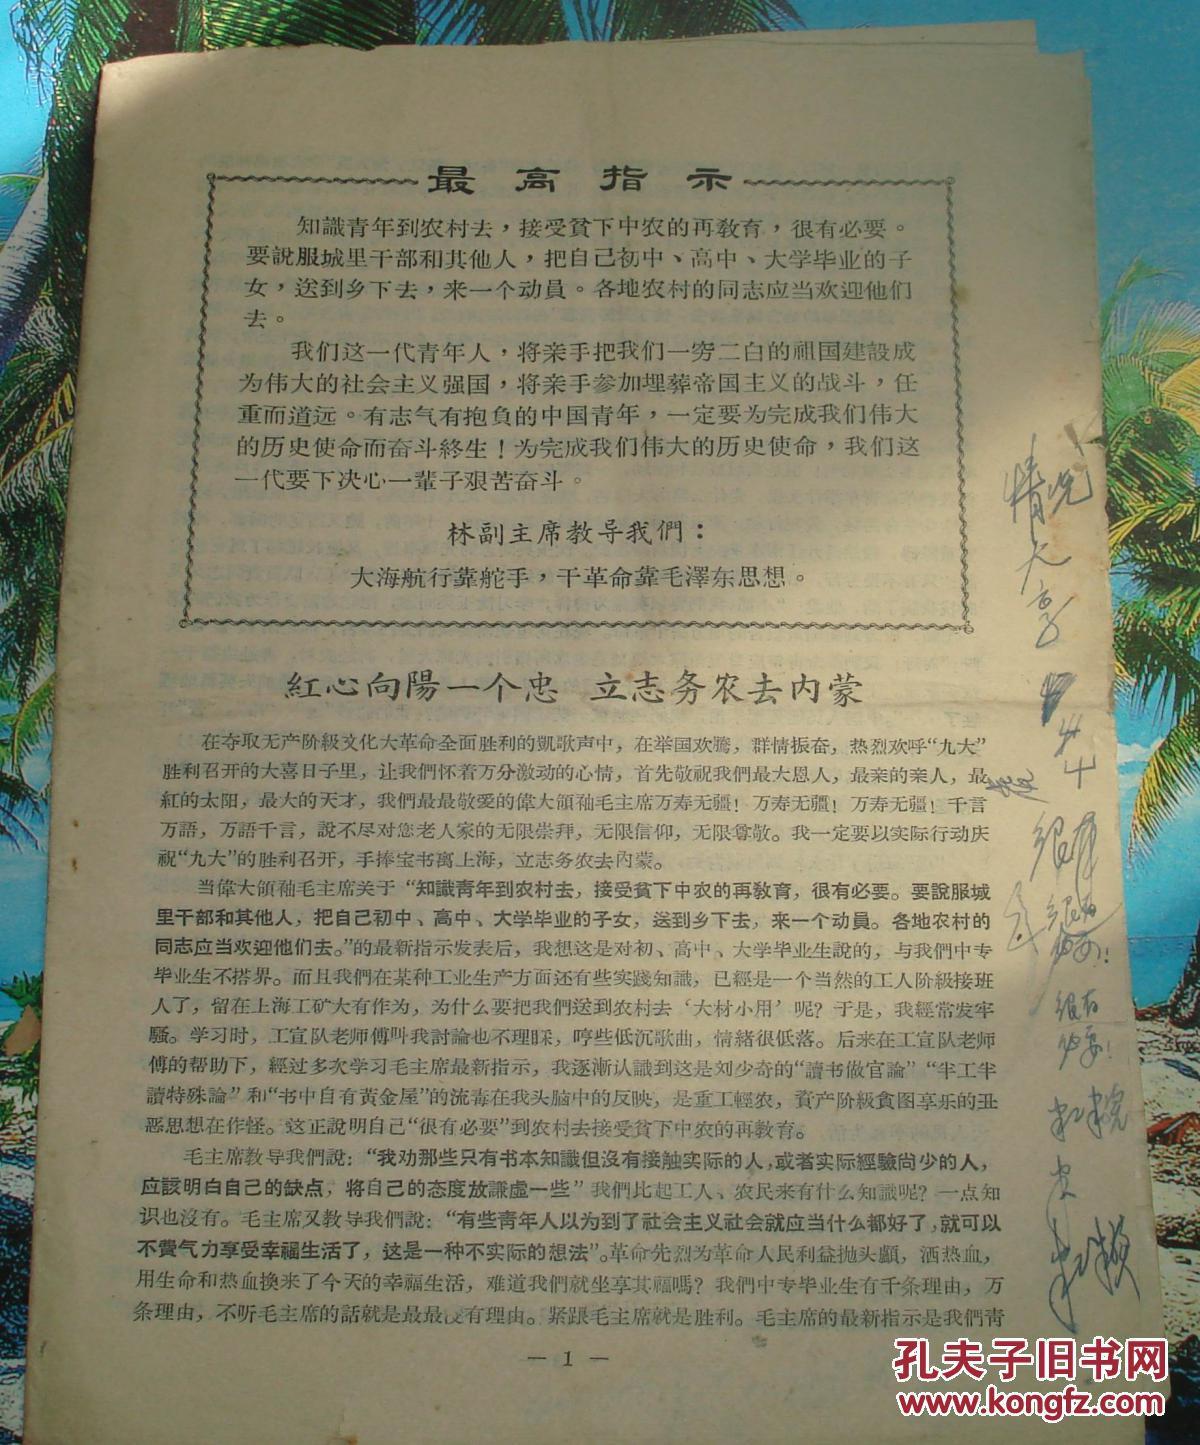 文革小报《红心向阳一个忠,立志务农去内蒙》1969知青图片